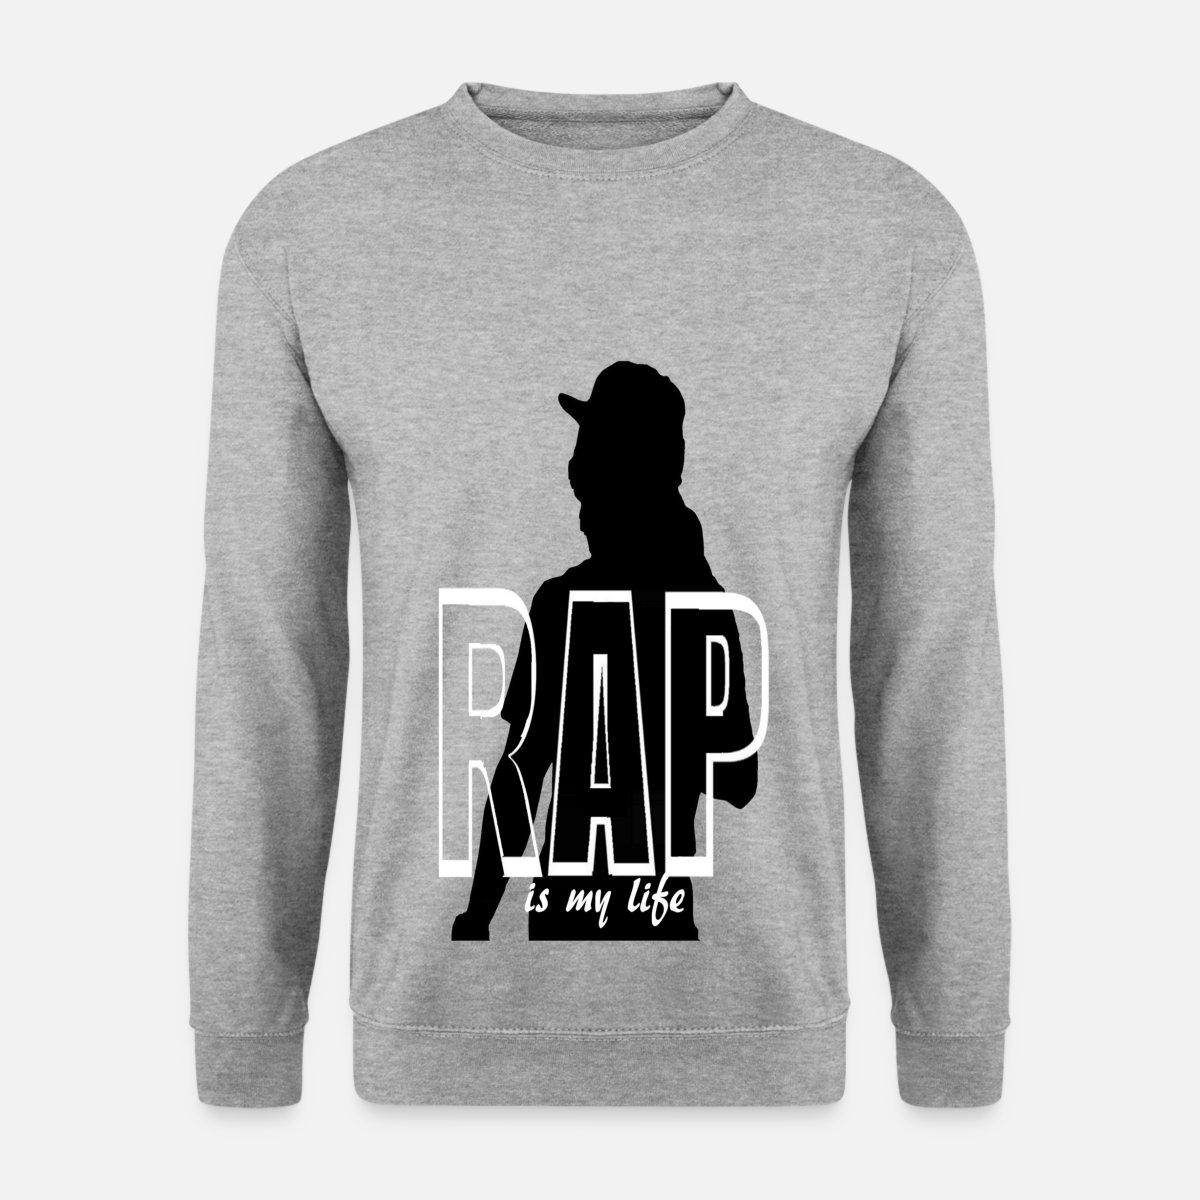 rap is my life Sudadera hombre  bd842a9a096